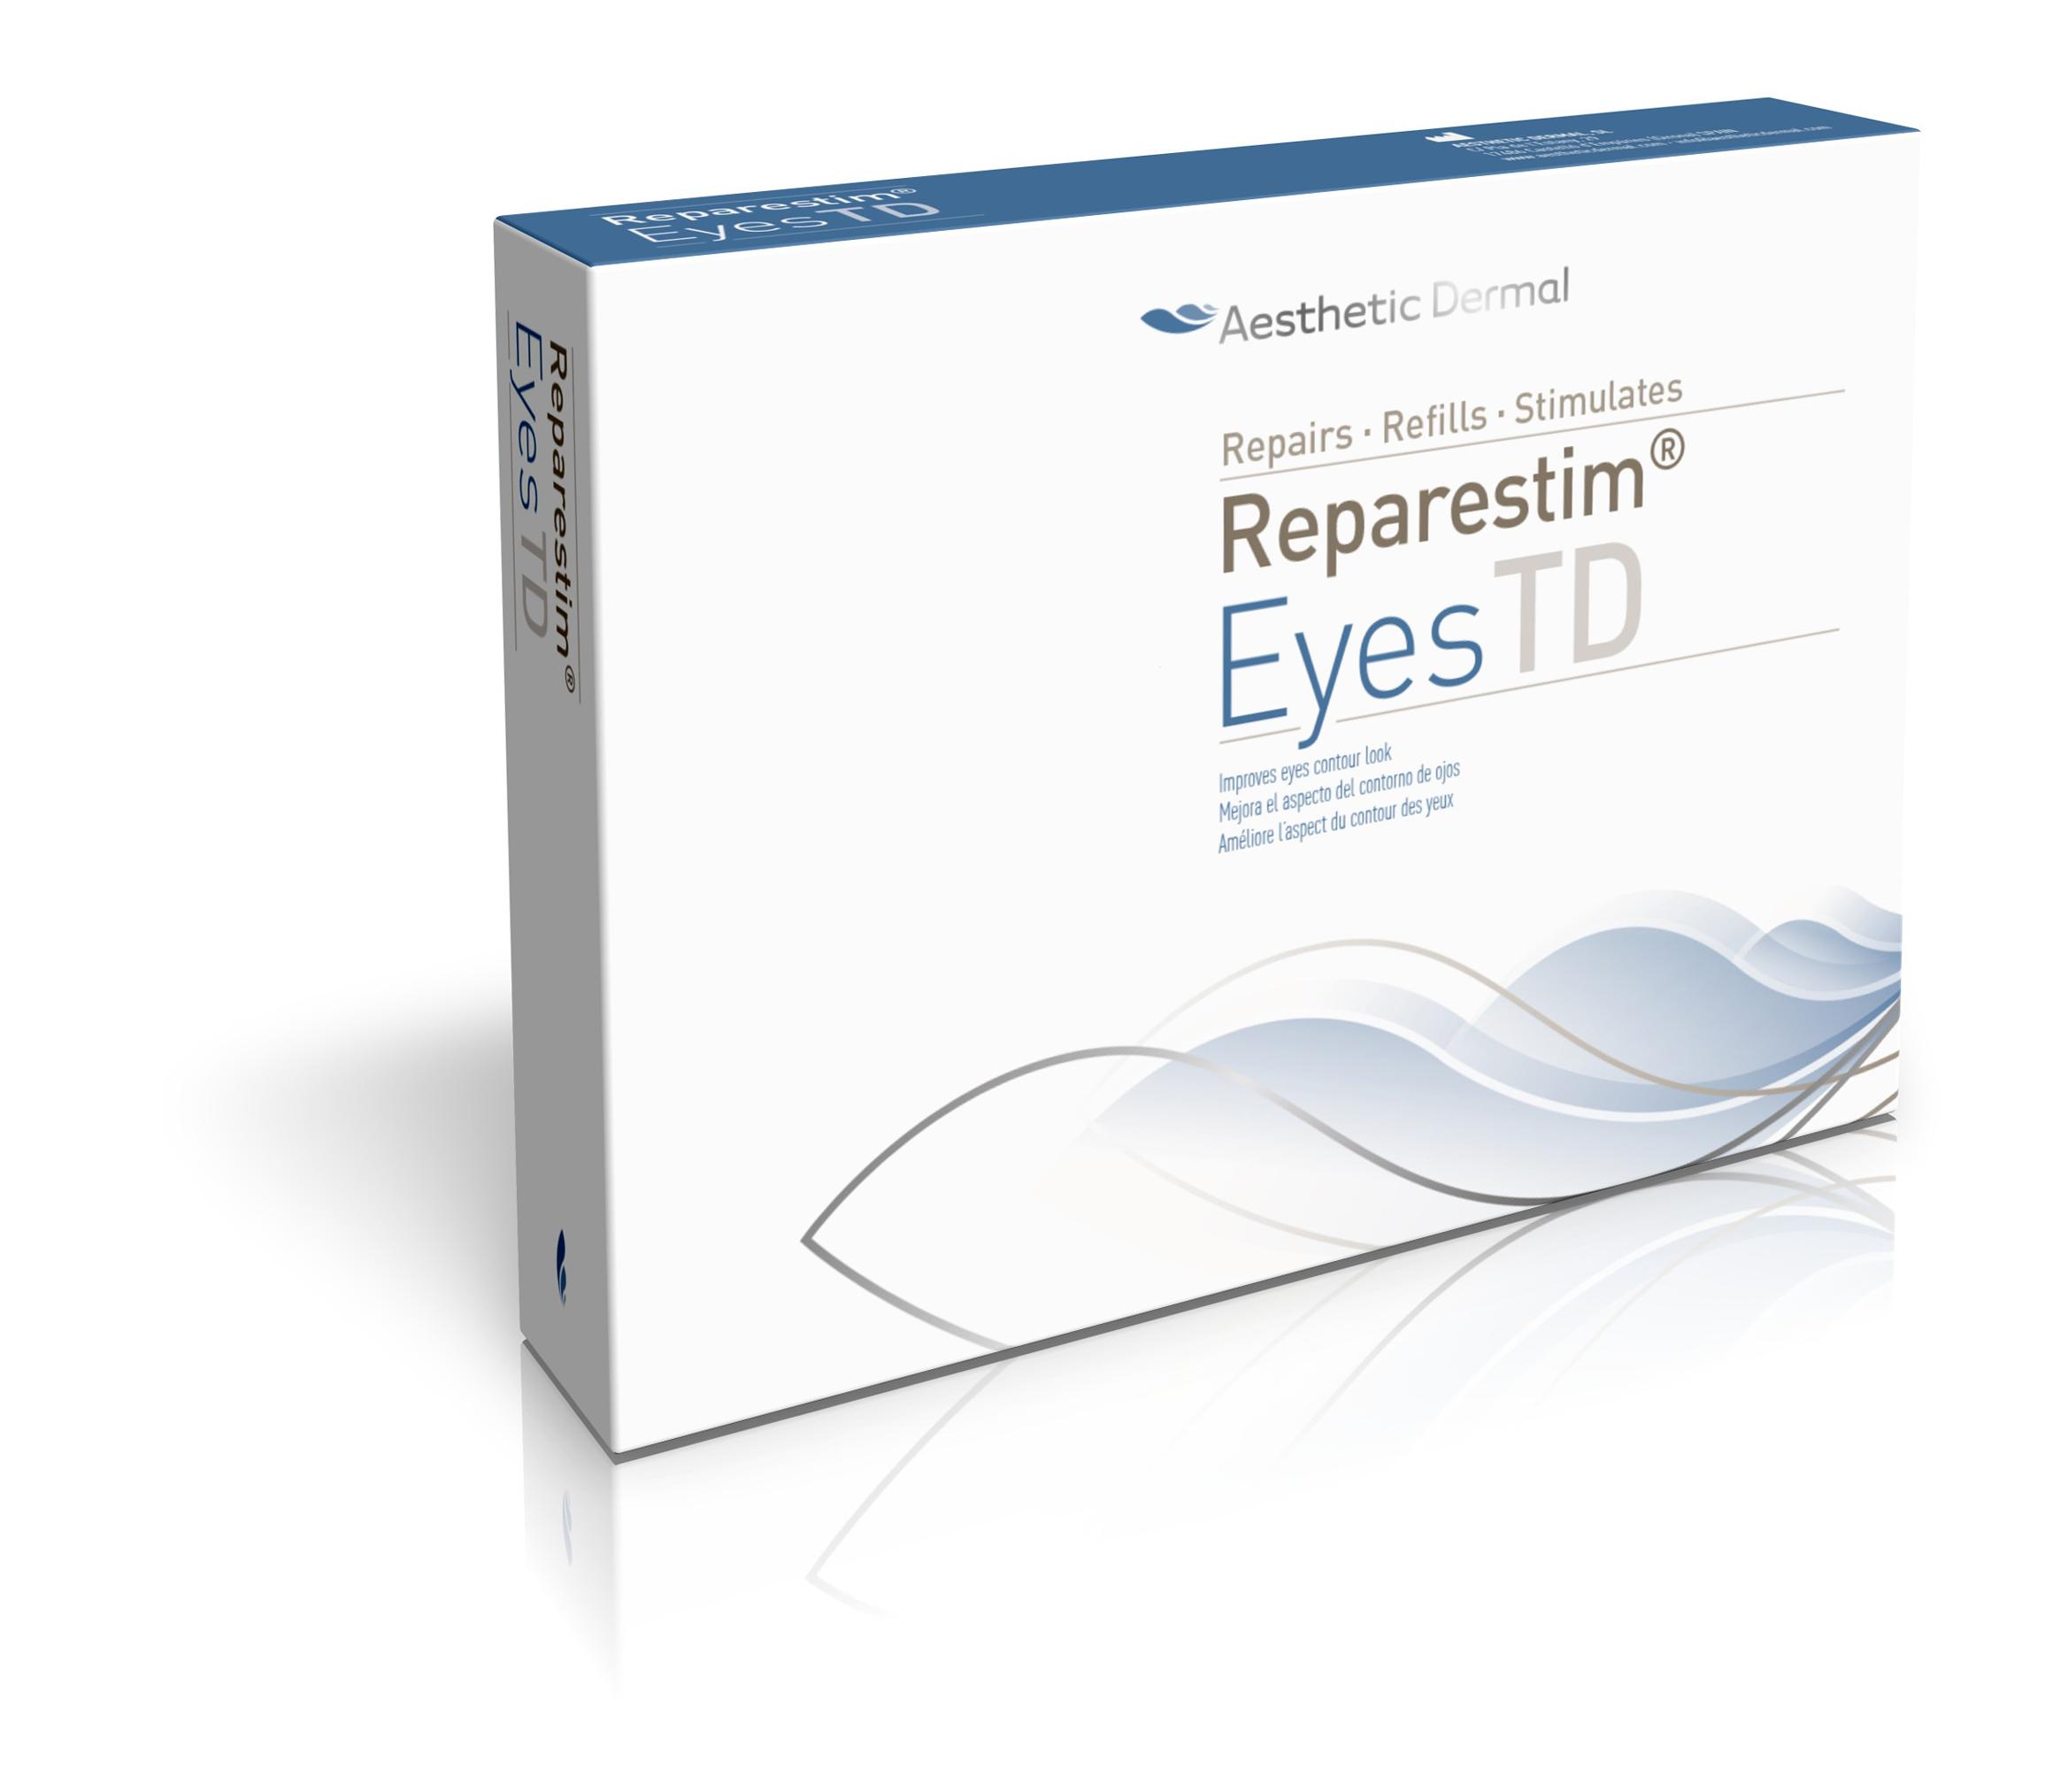 Aesthetic Dermal - ReparestimTD Eyes